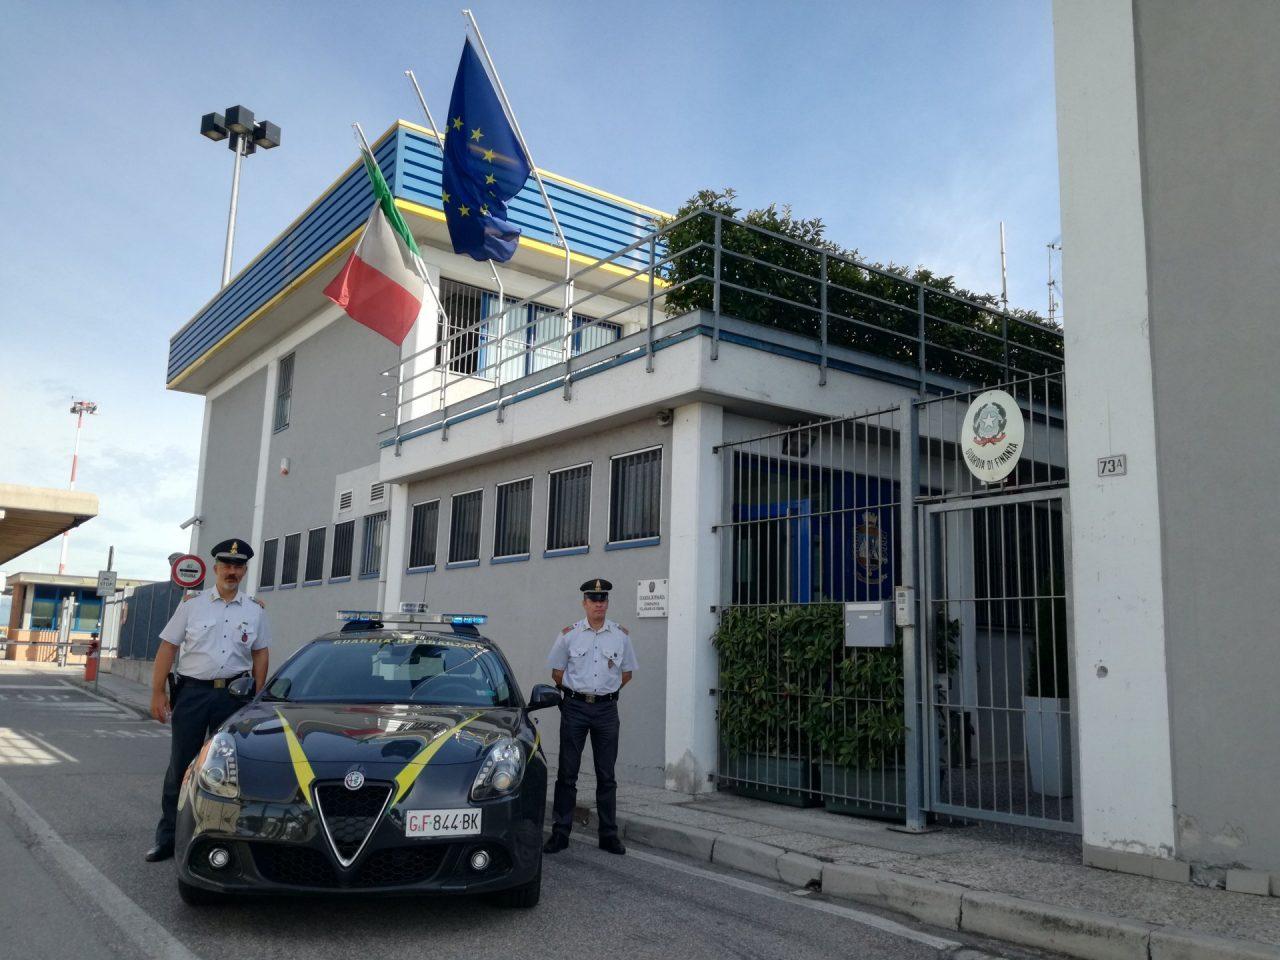 Durante un controllo all'aereoporto di Villafranca sono stati arrestati quattro spacciatori internazionali.